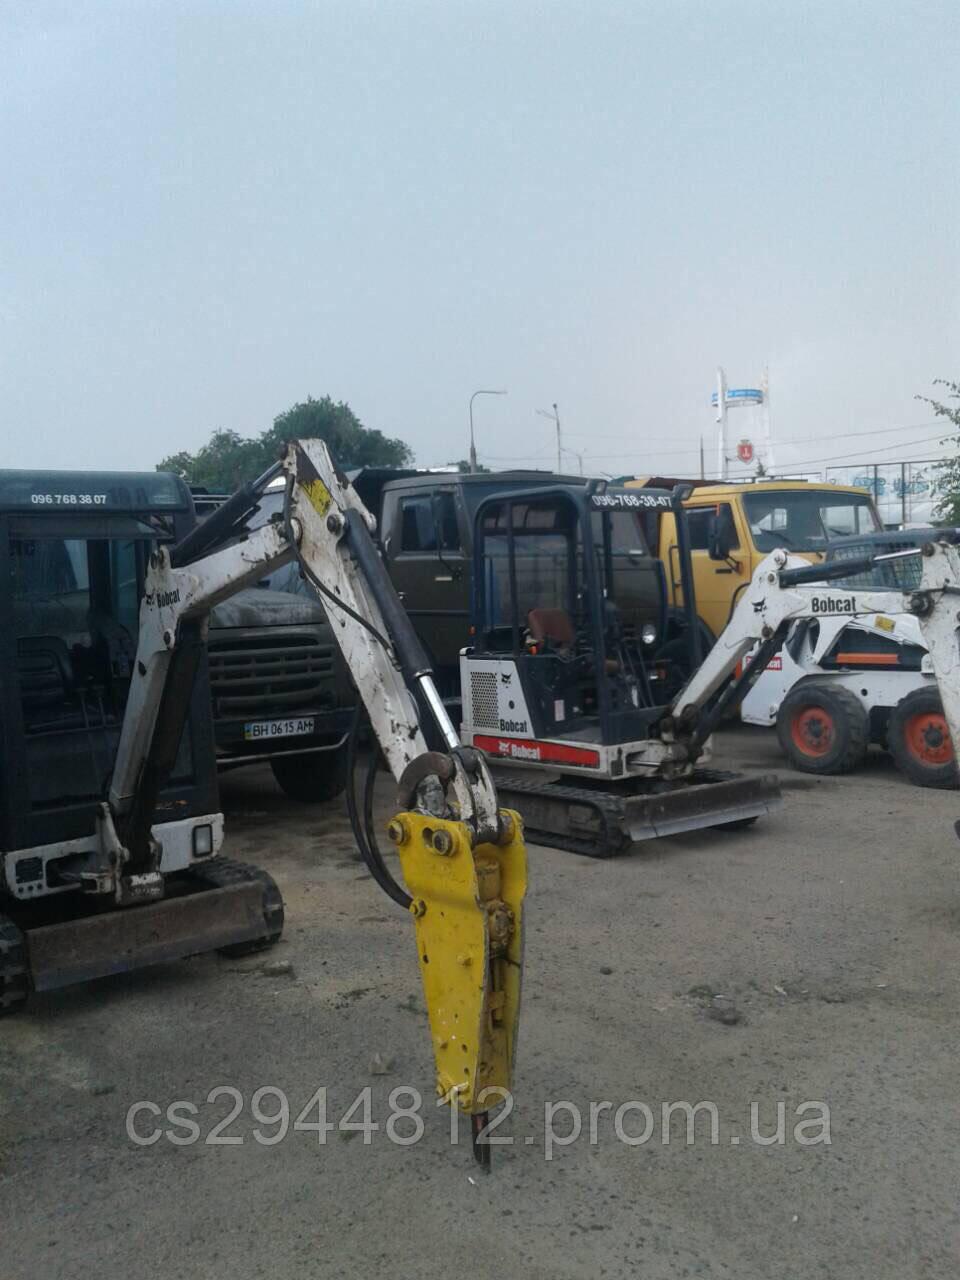 Услуги и аренда гидромолота в Одессе